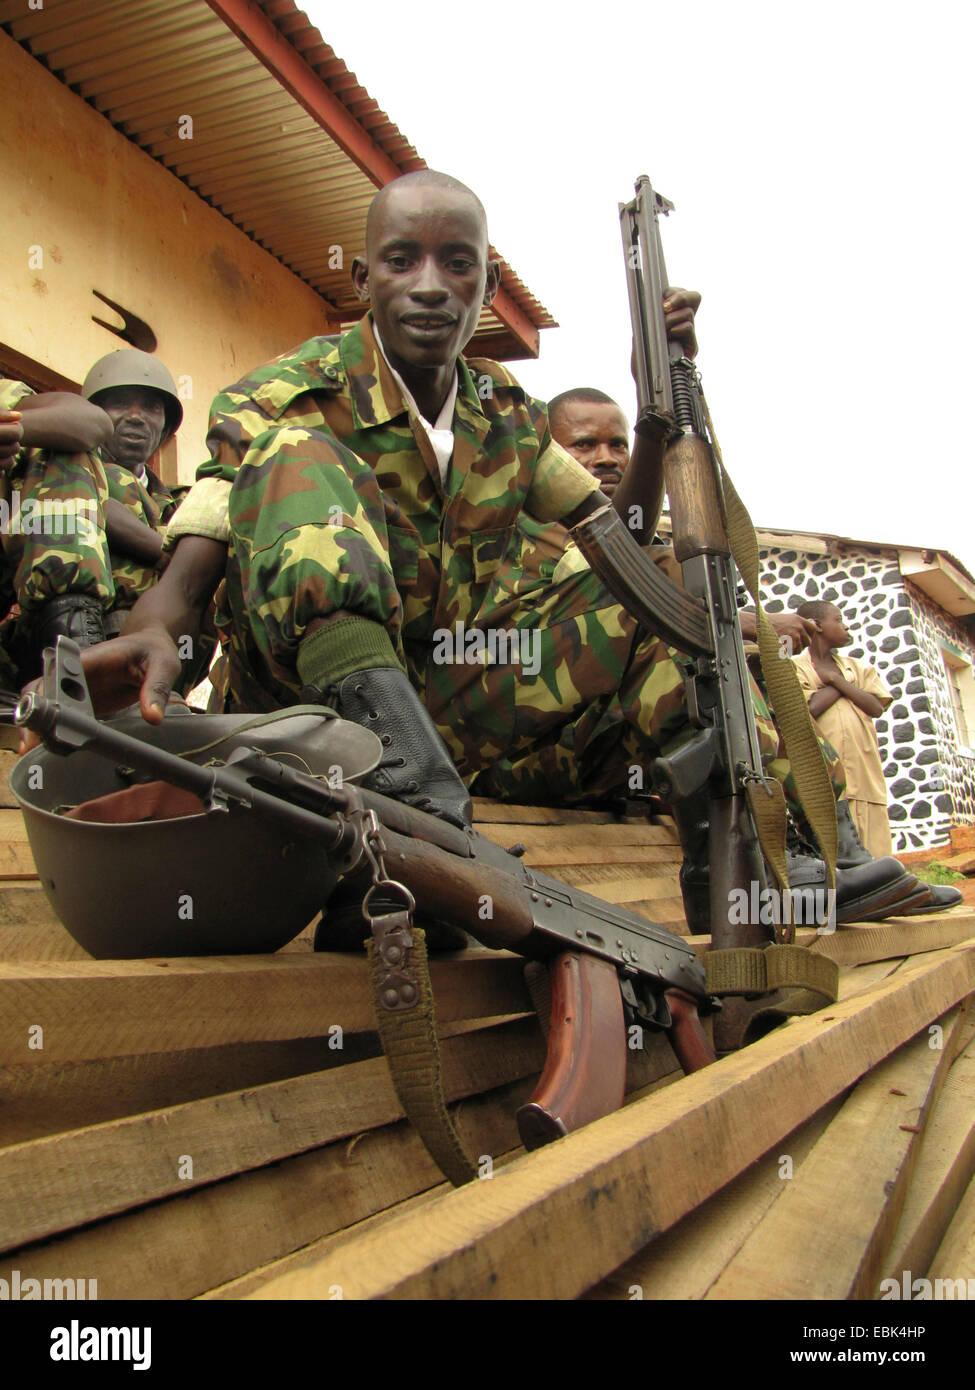 La guardia de honor del ejército de Burundi en los festejos por el Día Internacional de los Derechos Humanos (10 de diciembre de 2009), celebrado conjuntamente por el Gobierno de Burundi y la Oficina Integrada de la ONU en Burundi, Burundi, Bujumbura rural, Kabezi Foto de stock